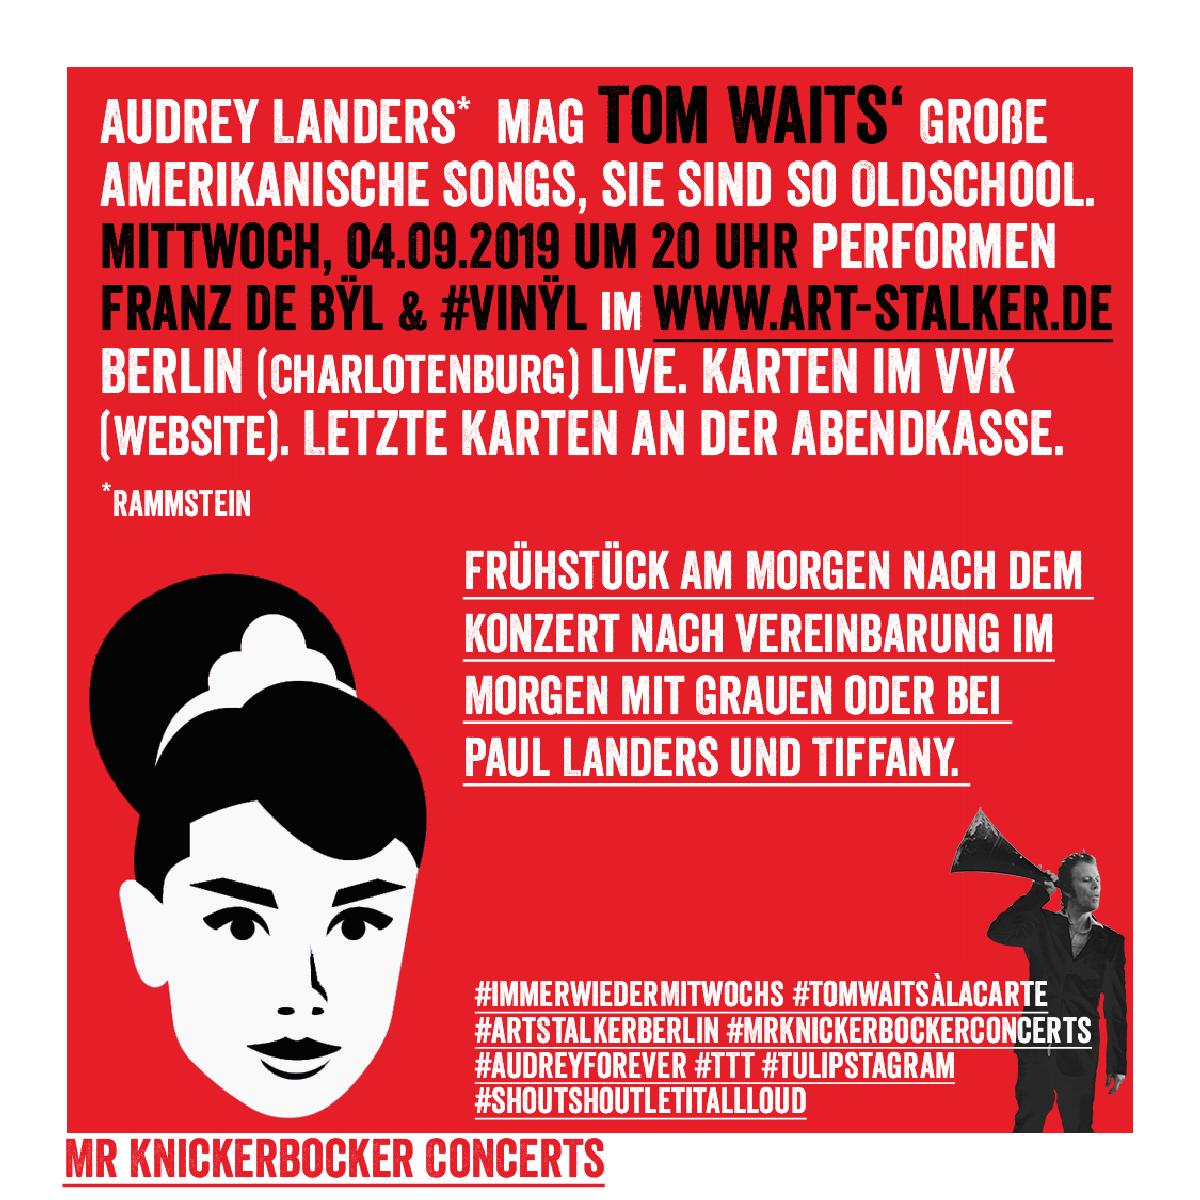 Mr. Knickerbocker Concerts: Mittwoch, 04.09.19 um 20 Uhr #ArtStalkerBerlin - Franz de Bÿl & his Band #Vinÿl #Immerwiedermittwochs, #TomWaitsàlacarte #Audreyforever #TTT #Tulipstagram #ShoutShoutLetItAllLoud